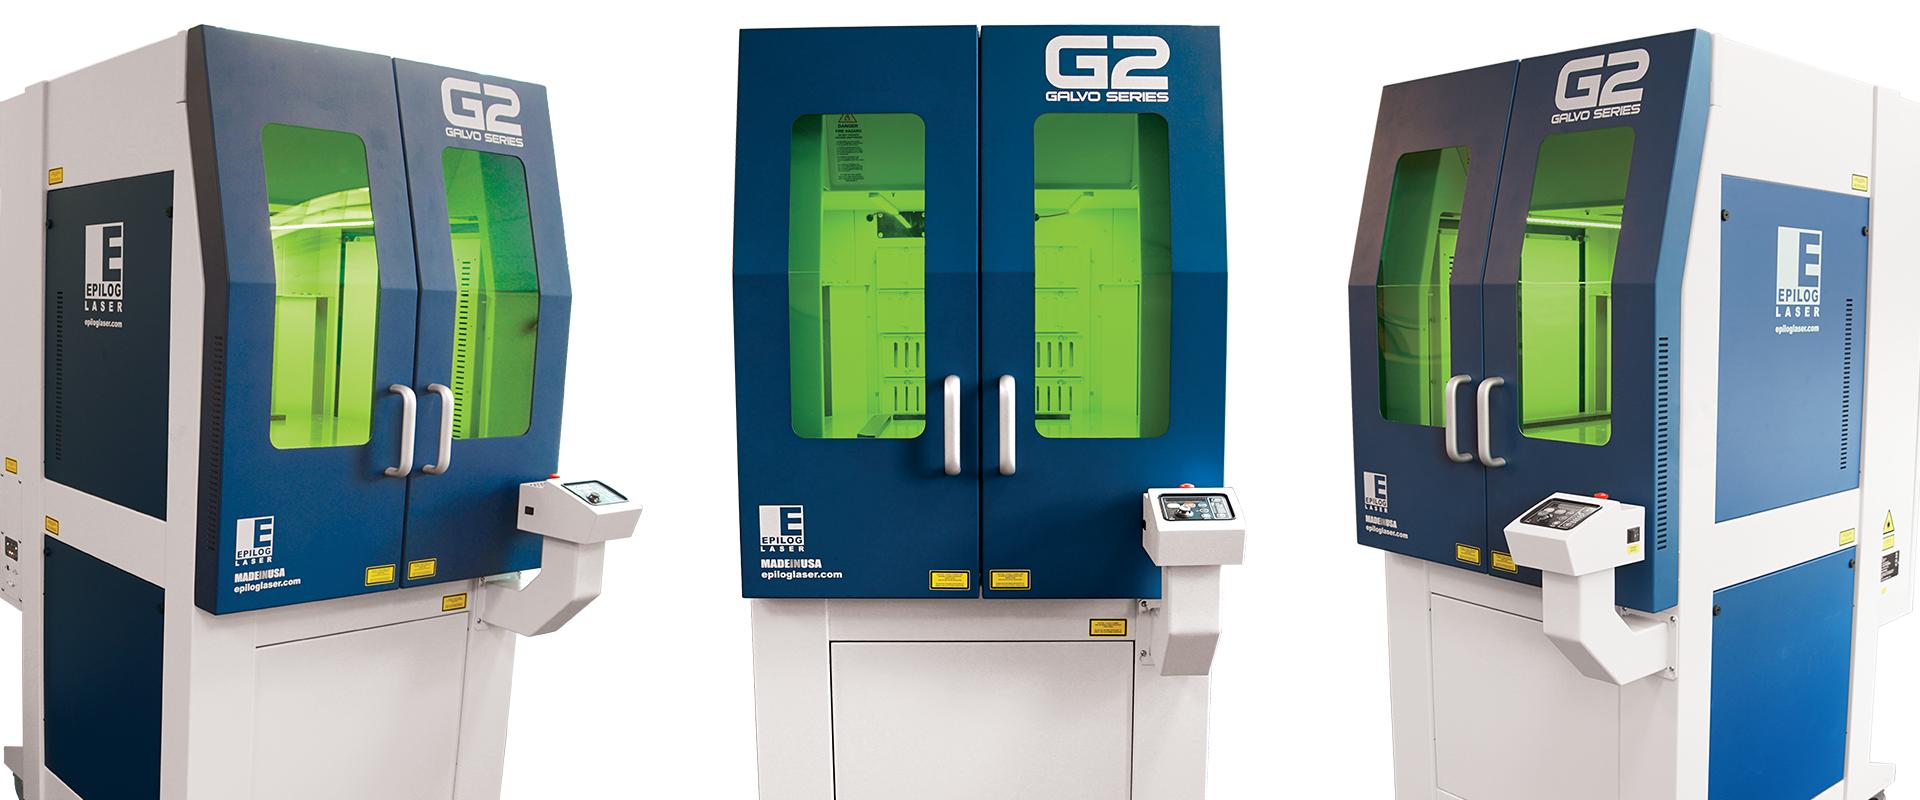 G2 Galvo Laser Series Metal Etching Laser Engraver